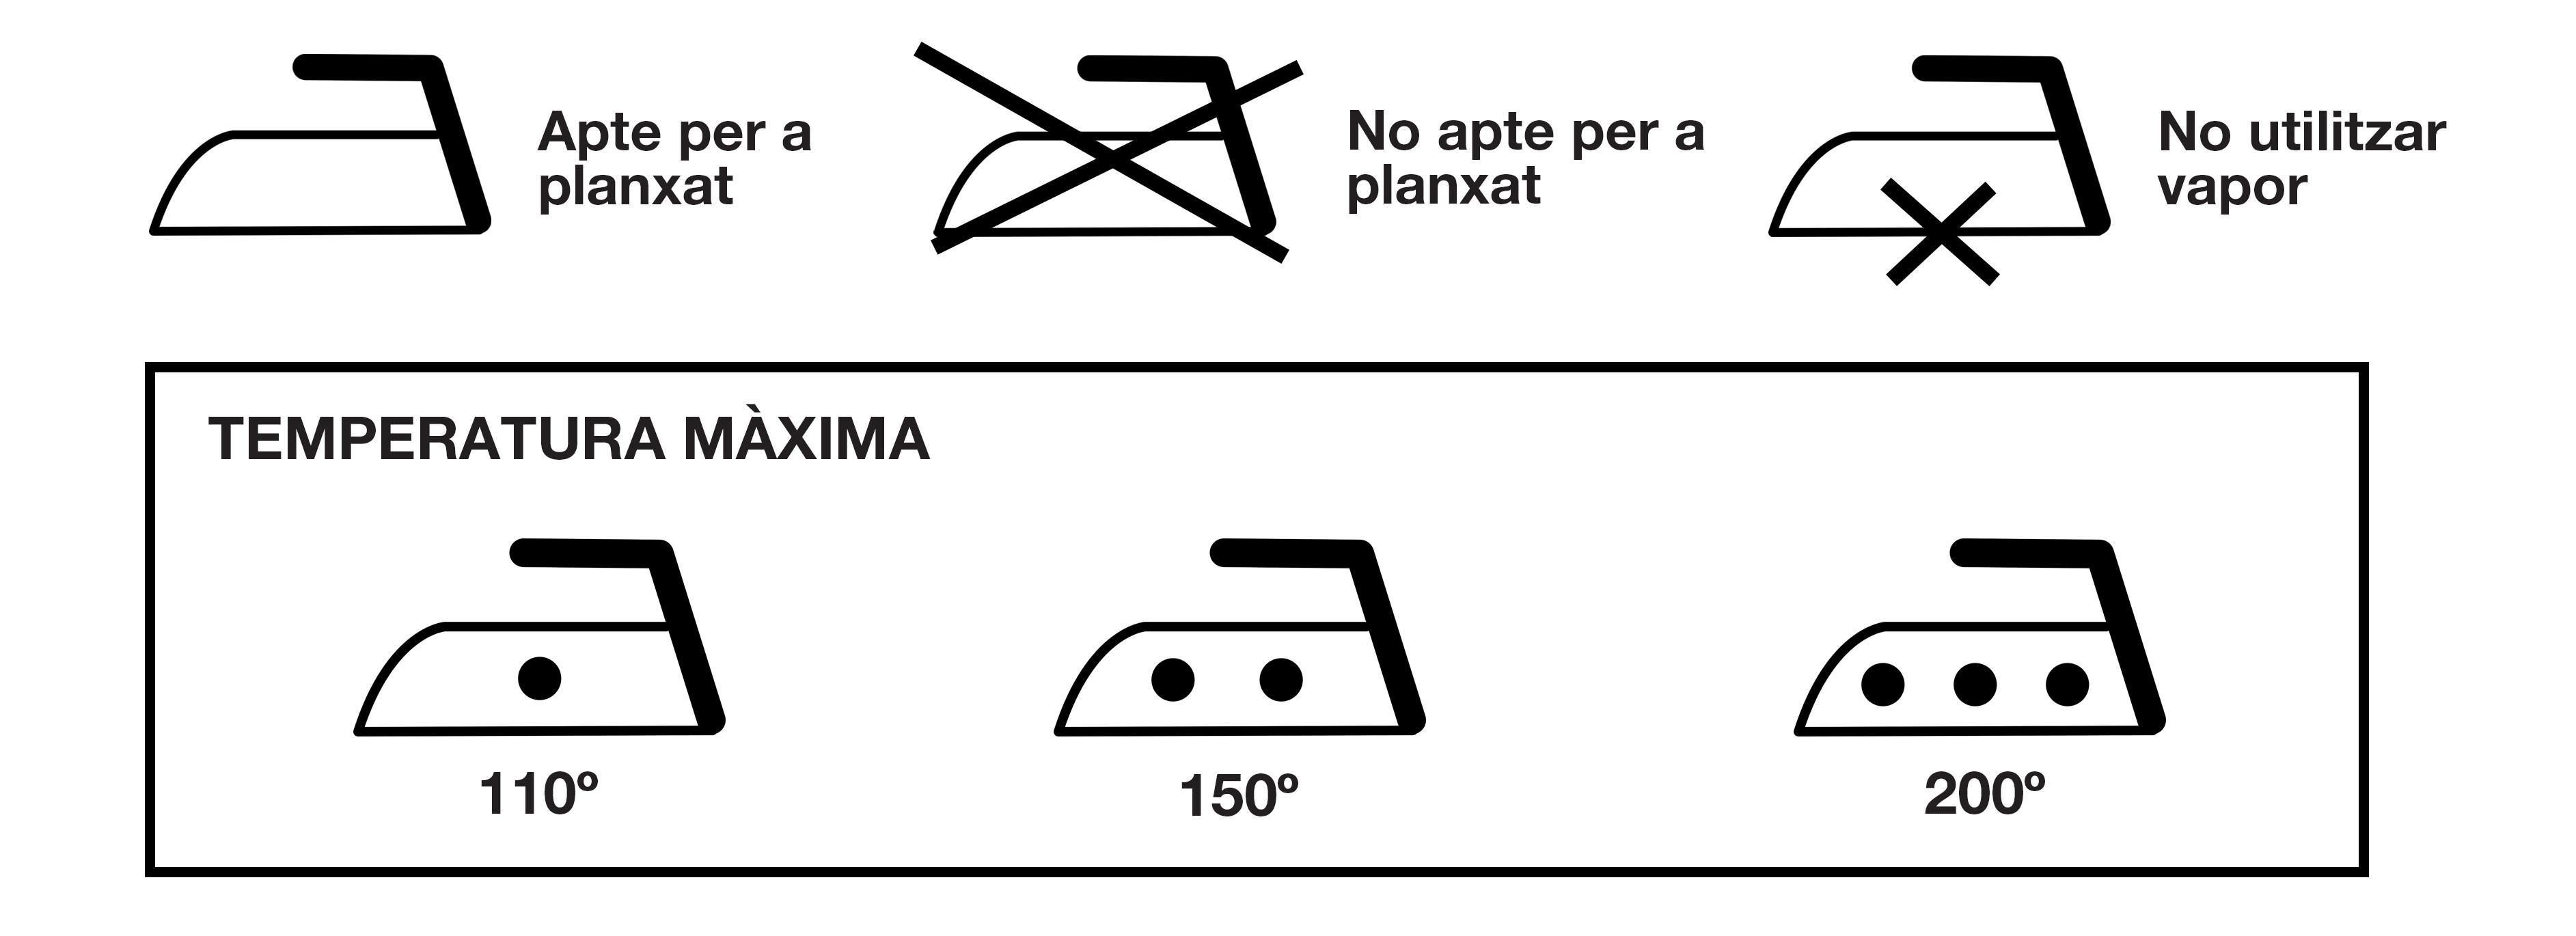 instrucciones-planchaCAT